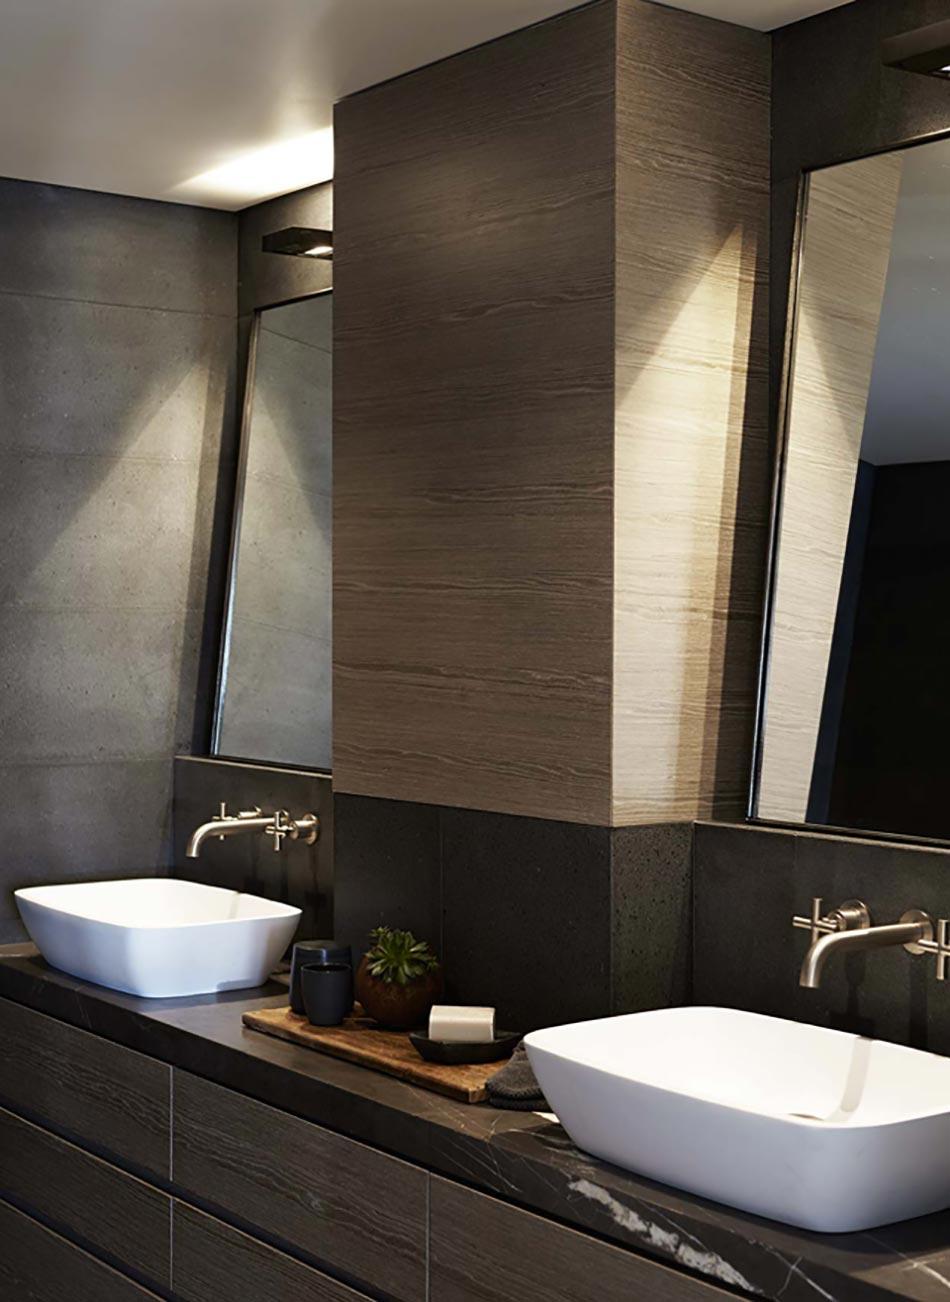 Salle de bain ultra design et moderne pictures to pin on - Salle de bain design ...